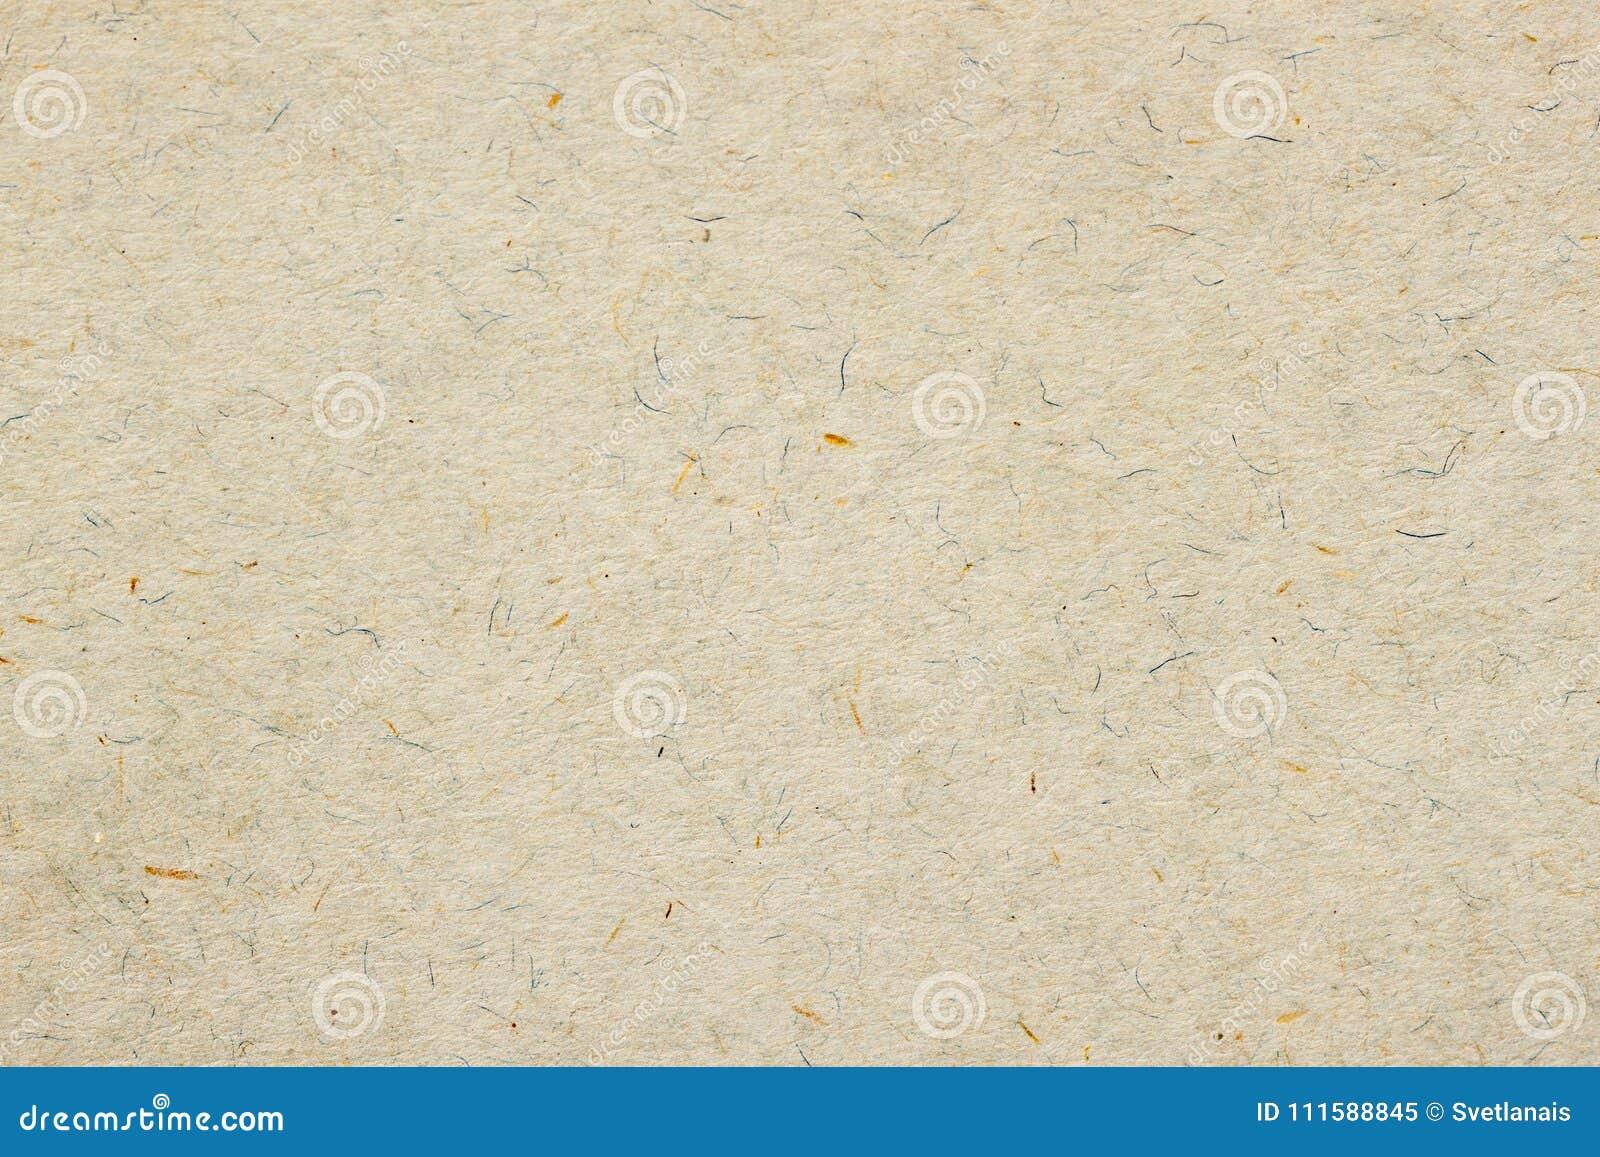 Textura do papel orgânico velho do creme claro Material reciclável com marrom pequeno e e inclusões azuis da celulose